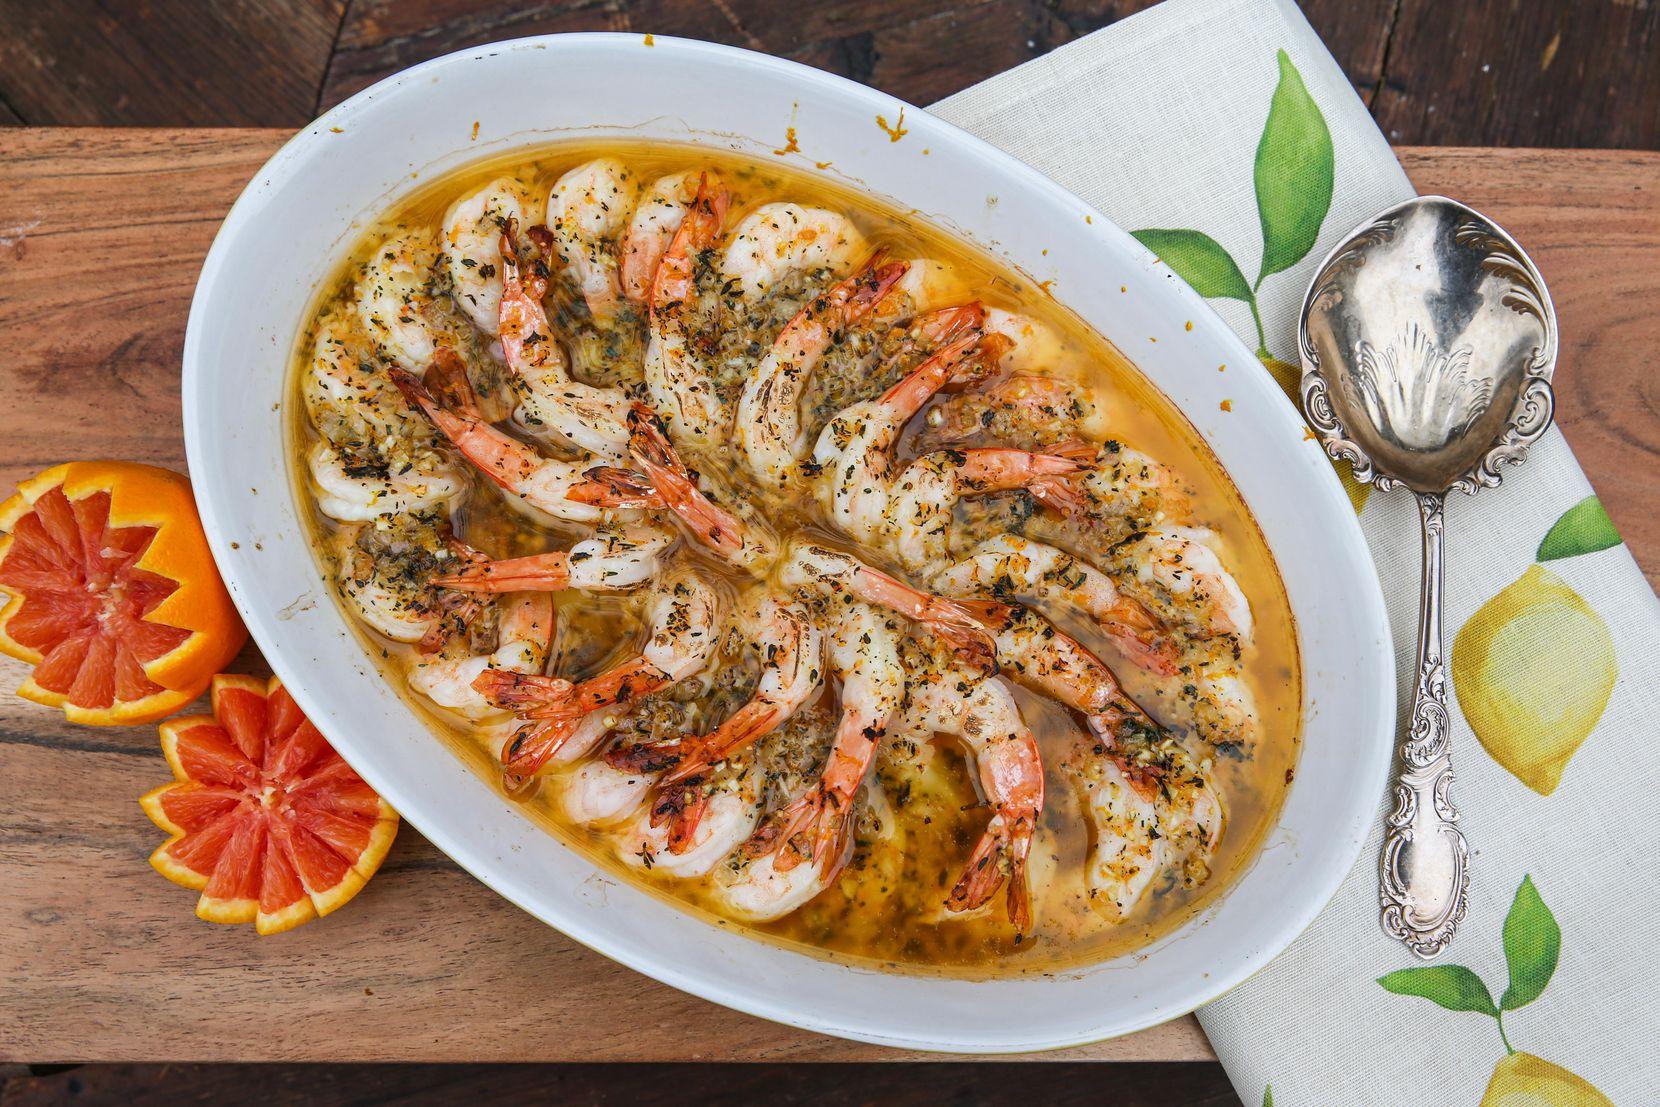 Gulf Shrimp With Texas Cara Cara Oranges